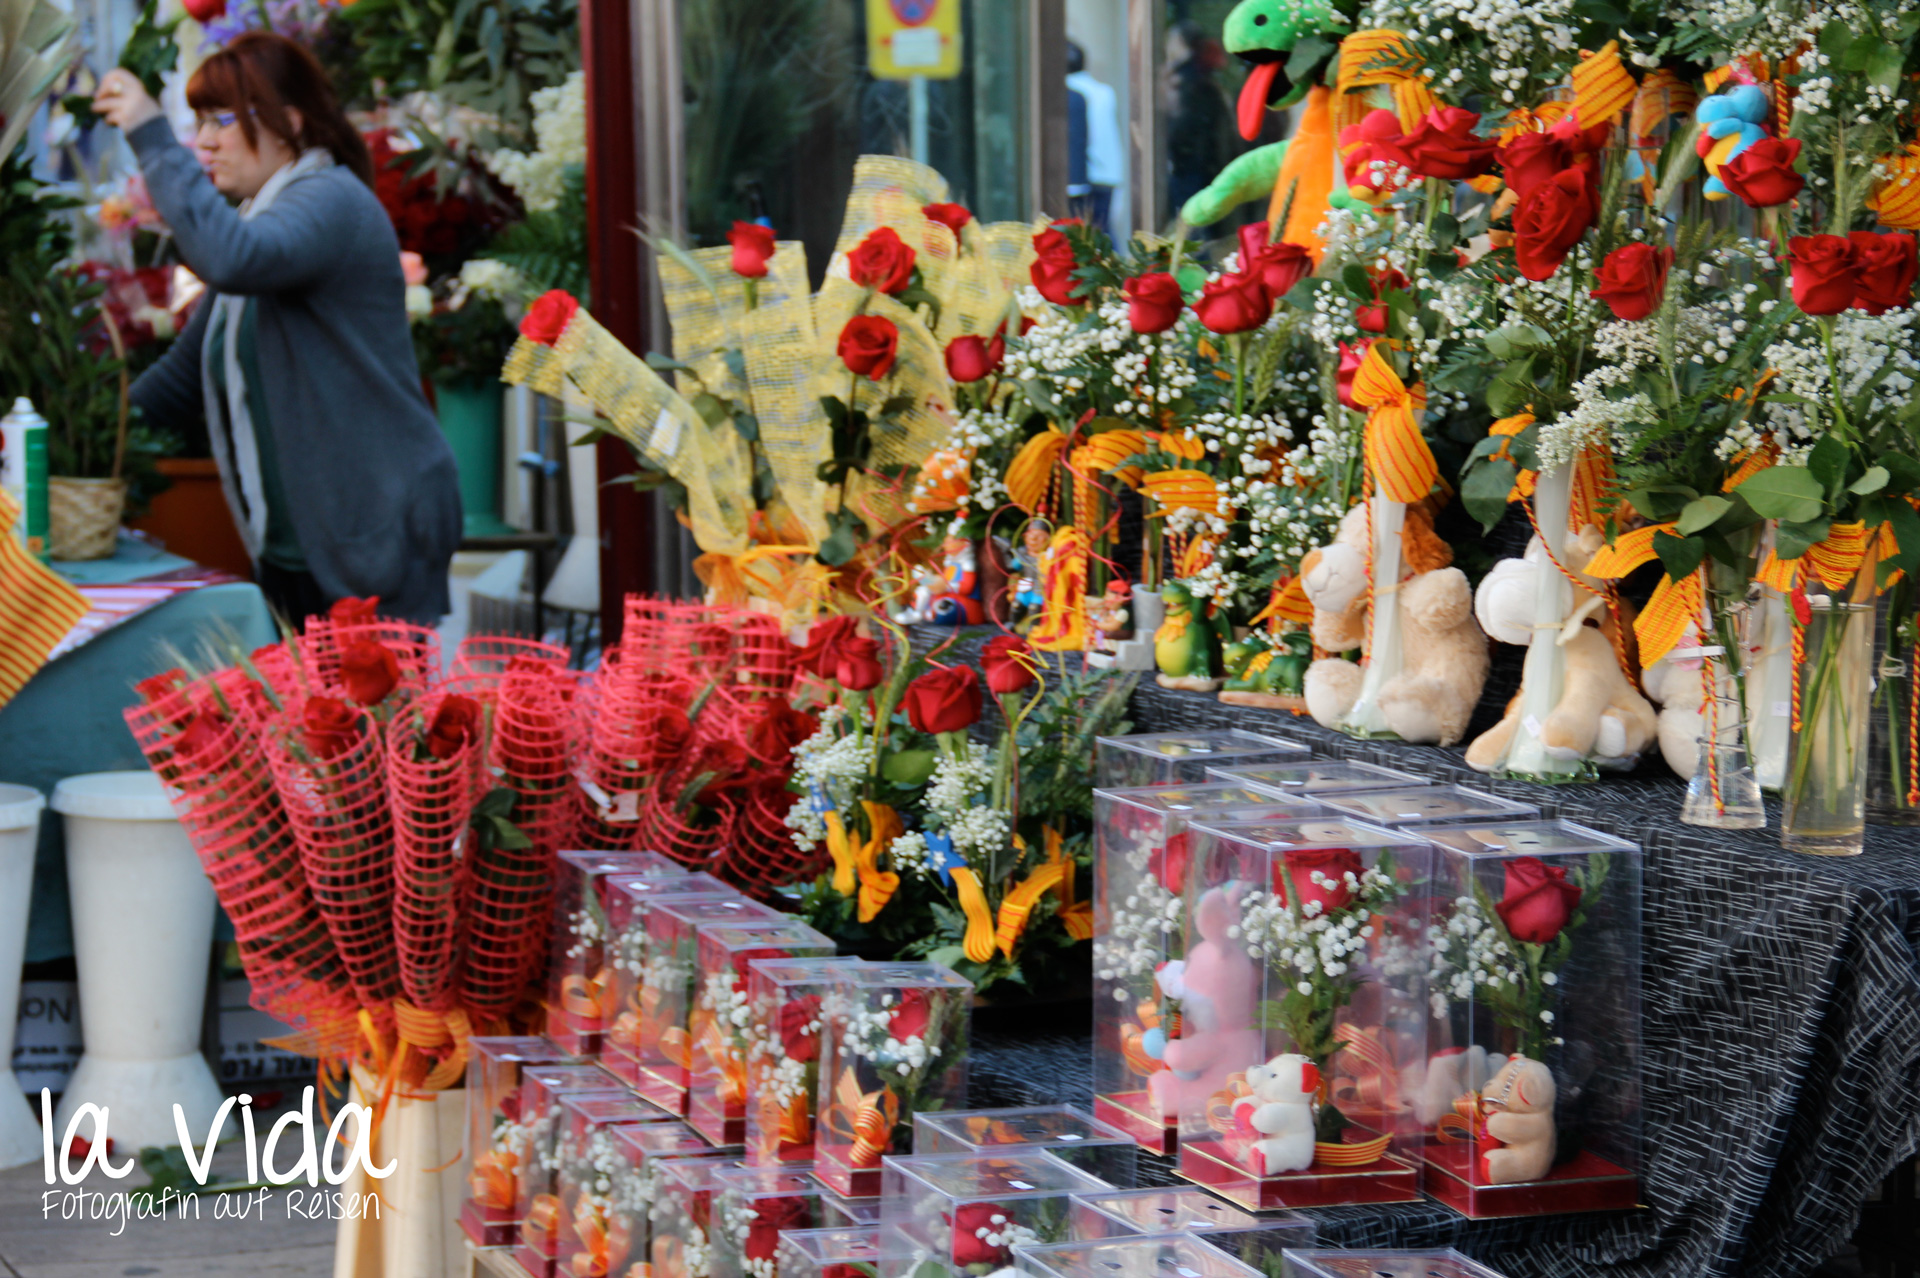 Blumenstand auf der Rambla